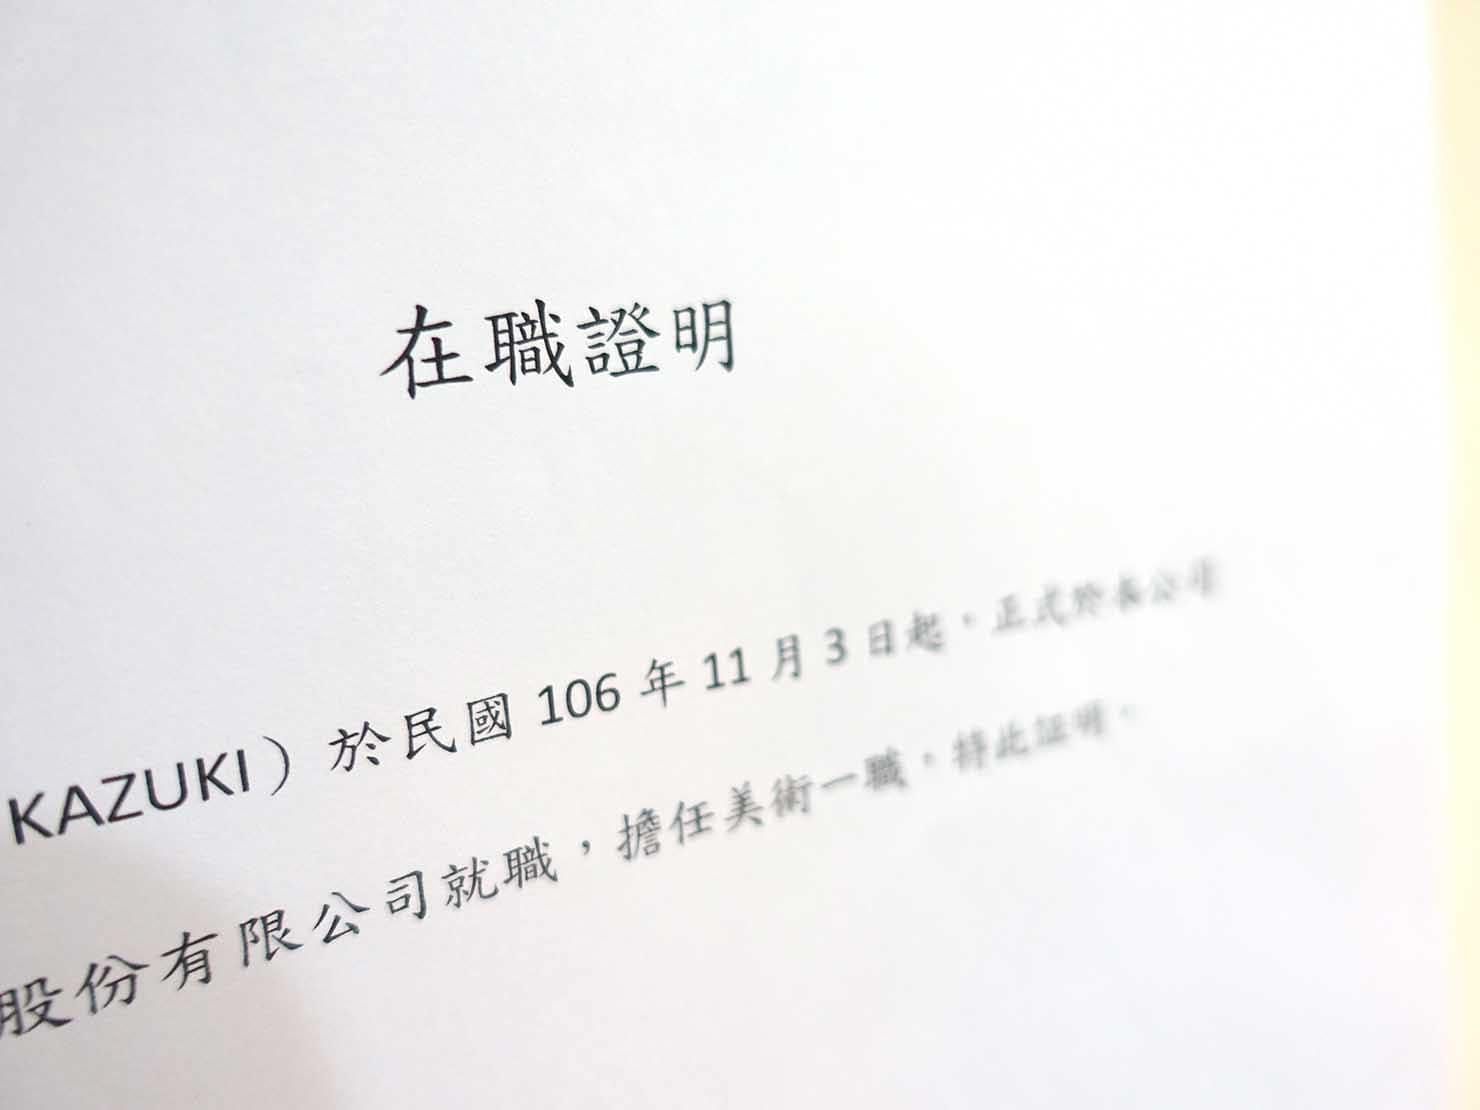 台湾の永住権(永久居留證)申請に必要な書類:在職證明